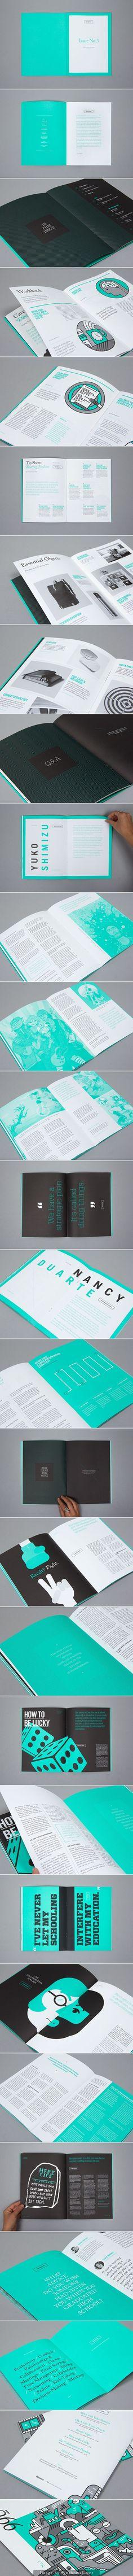 99U Quarterly Magazine Issue No3 - nicht alles, die ersten und die hinteren Seiten & der Effekt der dunklen Schraffur mit der Farbe!